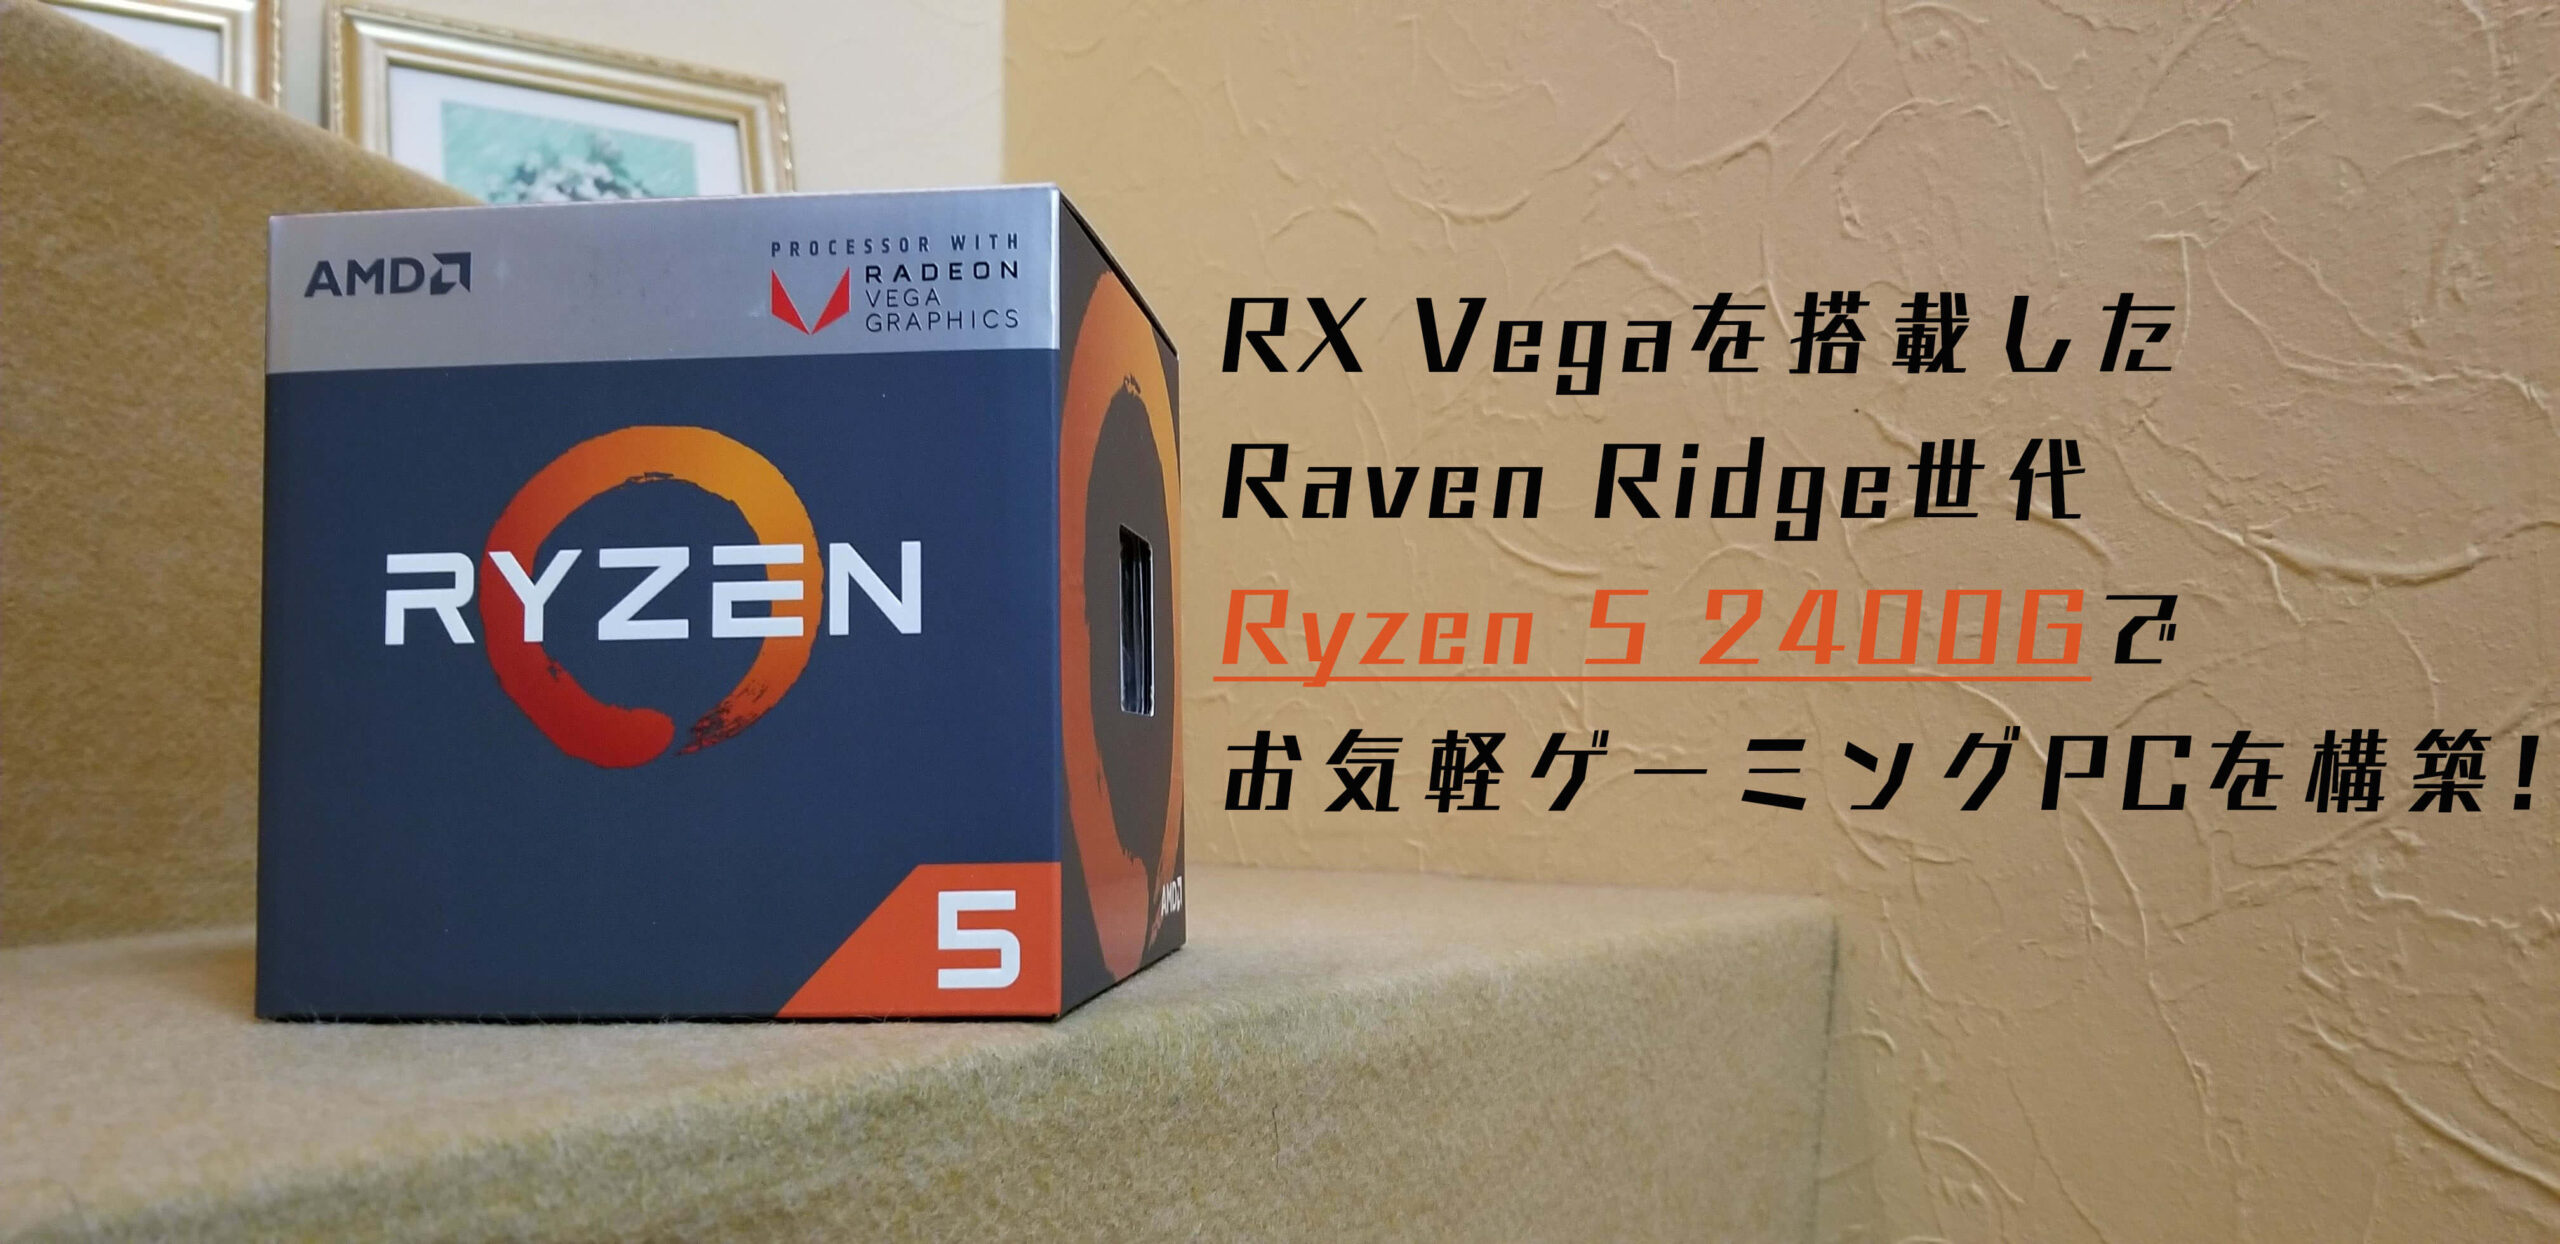 Ryzen 5 2400G 、RX Vegaを搭載した髙コスパCPU